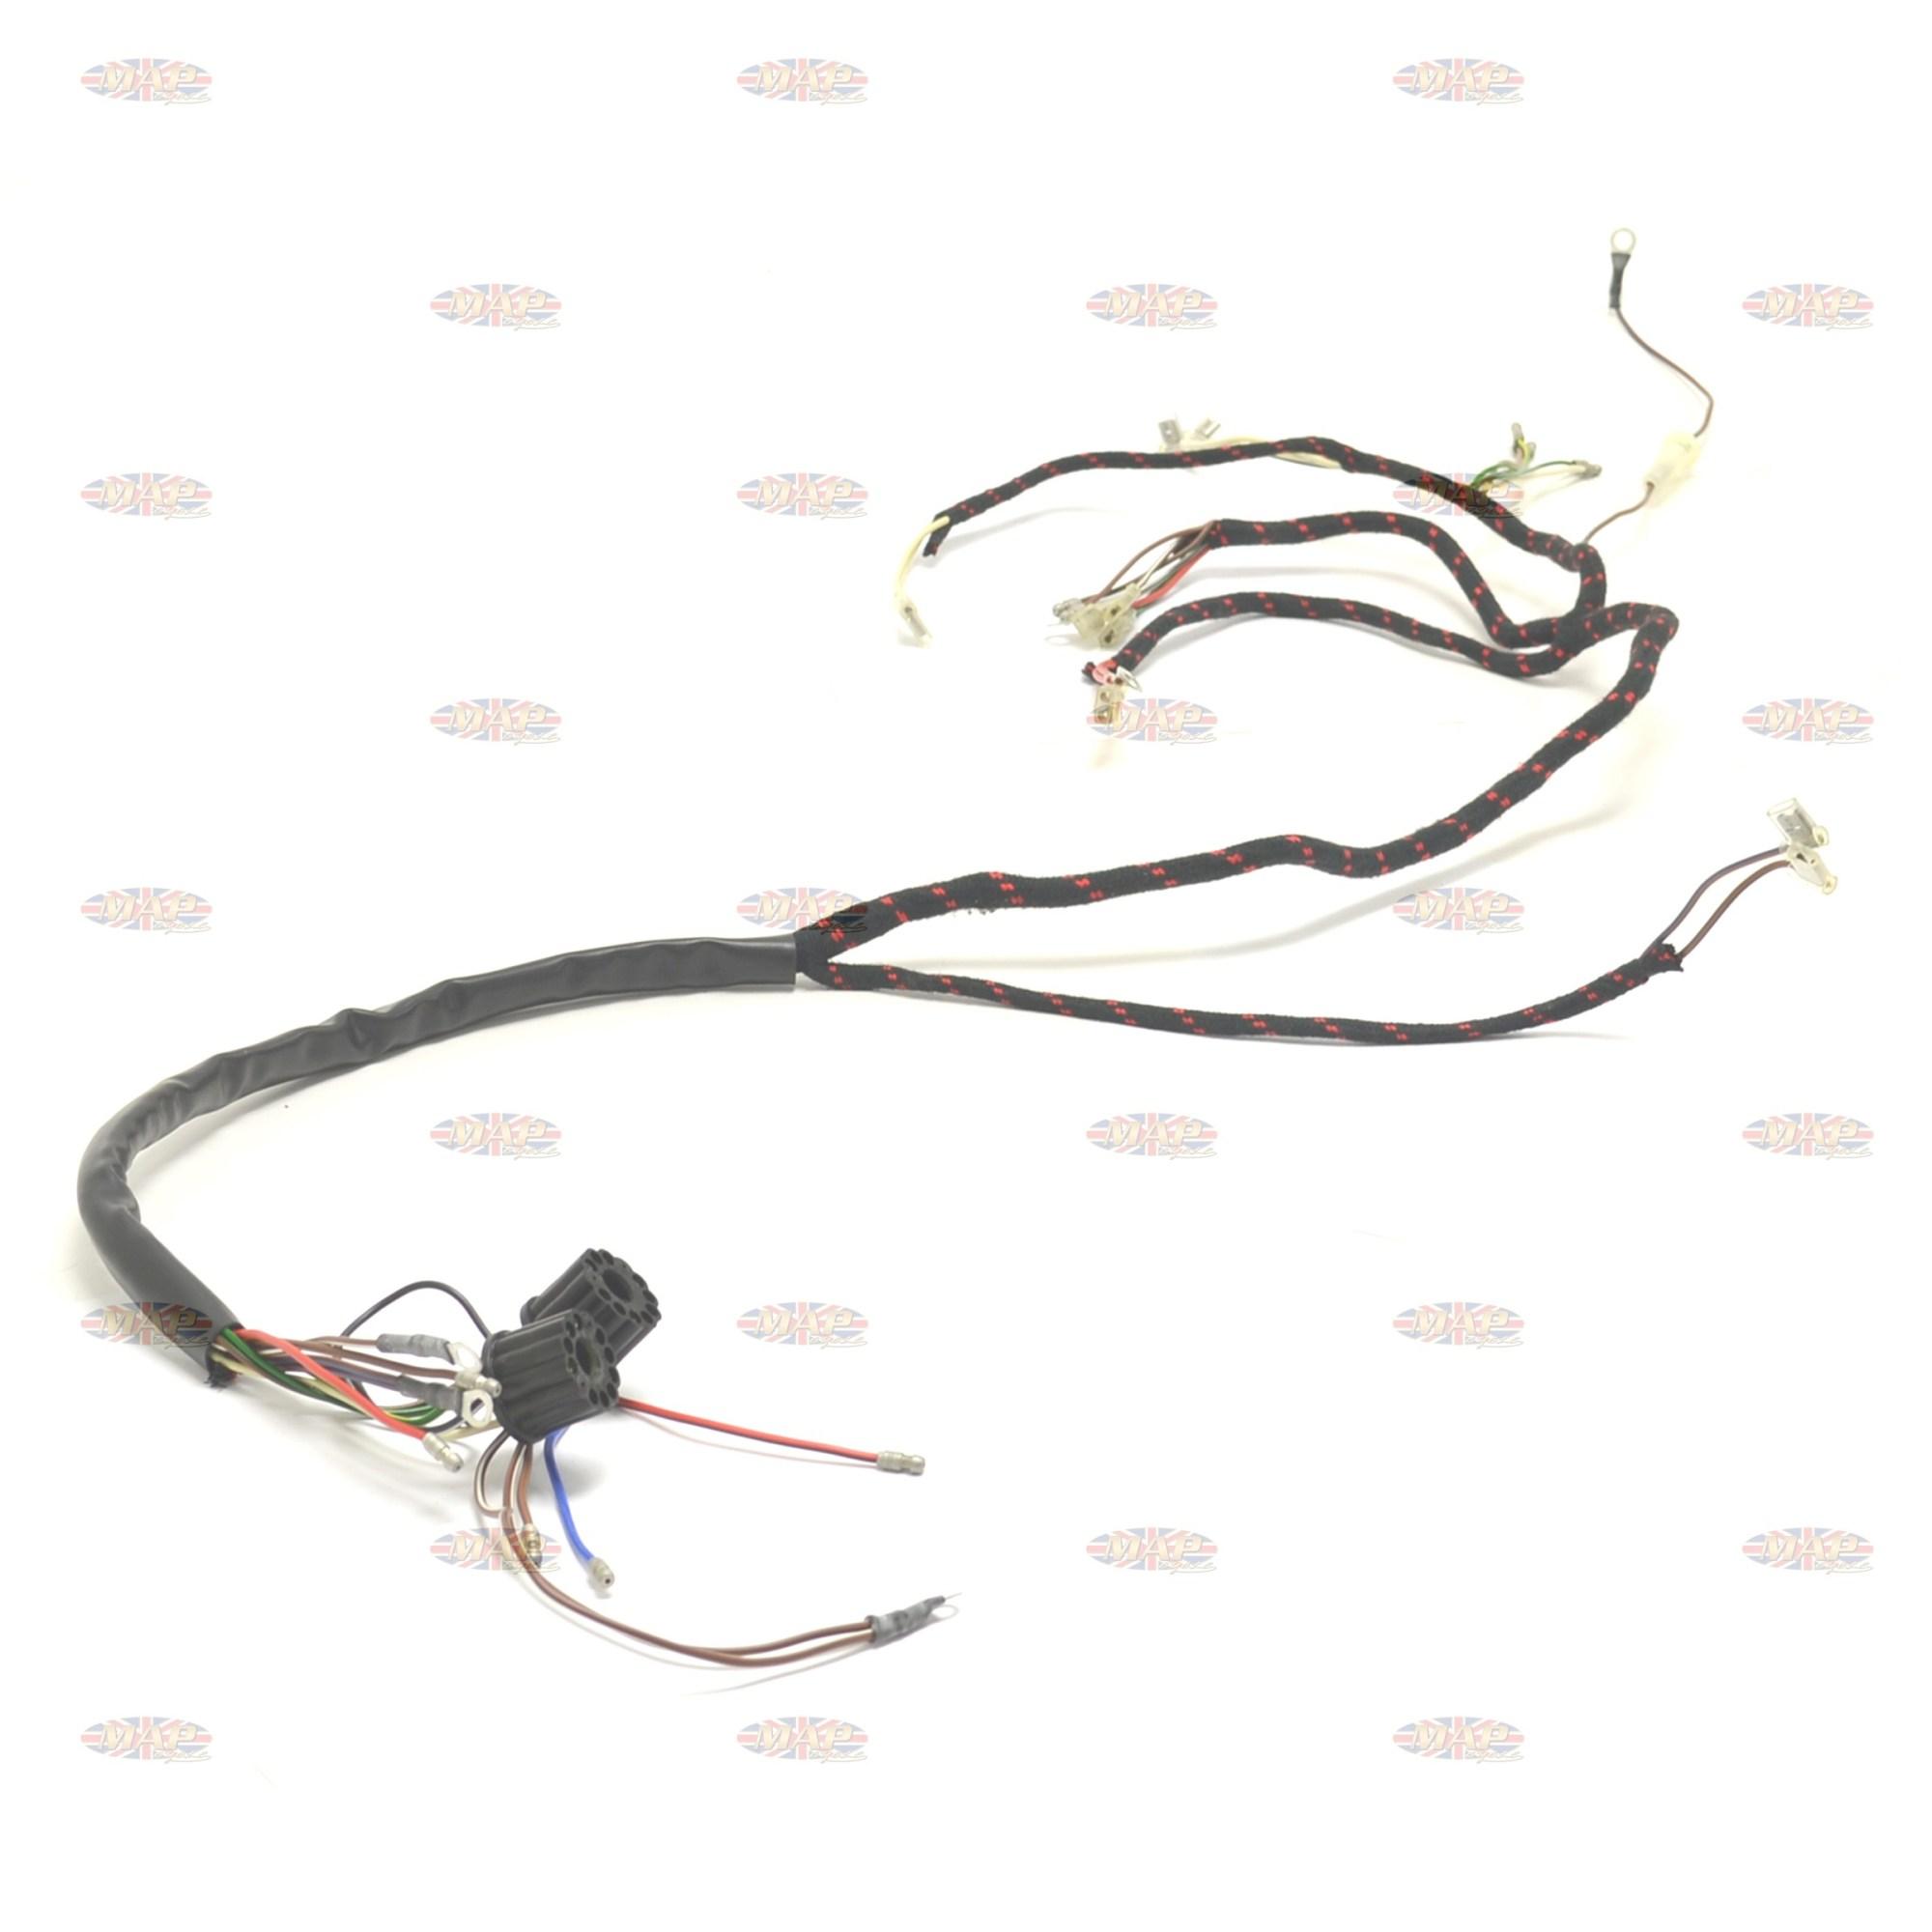 hight resolution of bsa 1966 67 a50 a65 uk made 12 volt wiring harness john deere 4020 12 volt wiring harness 12 volt wiring harness